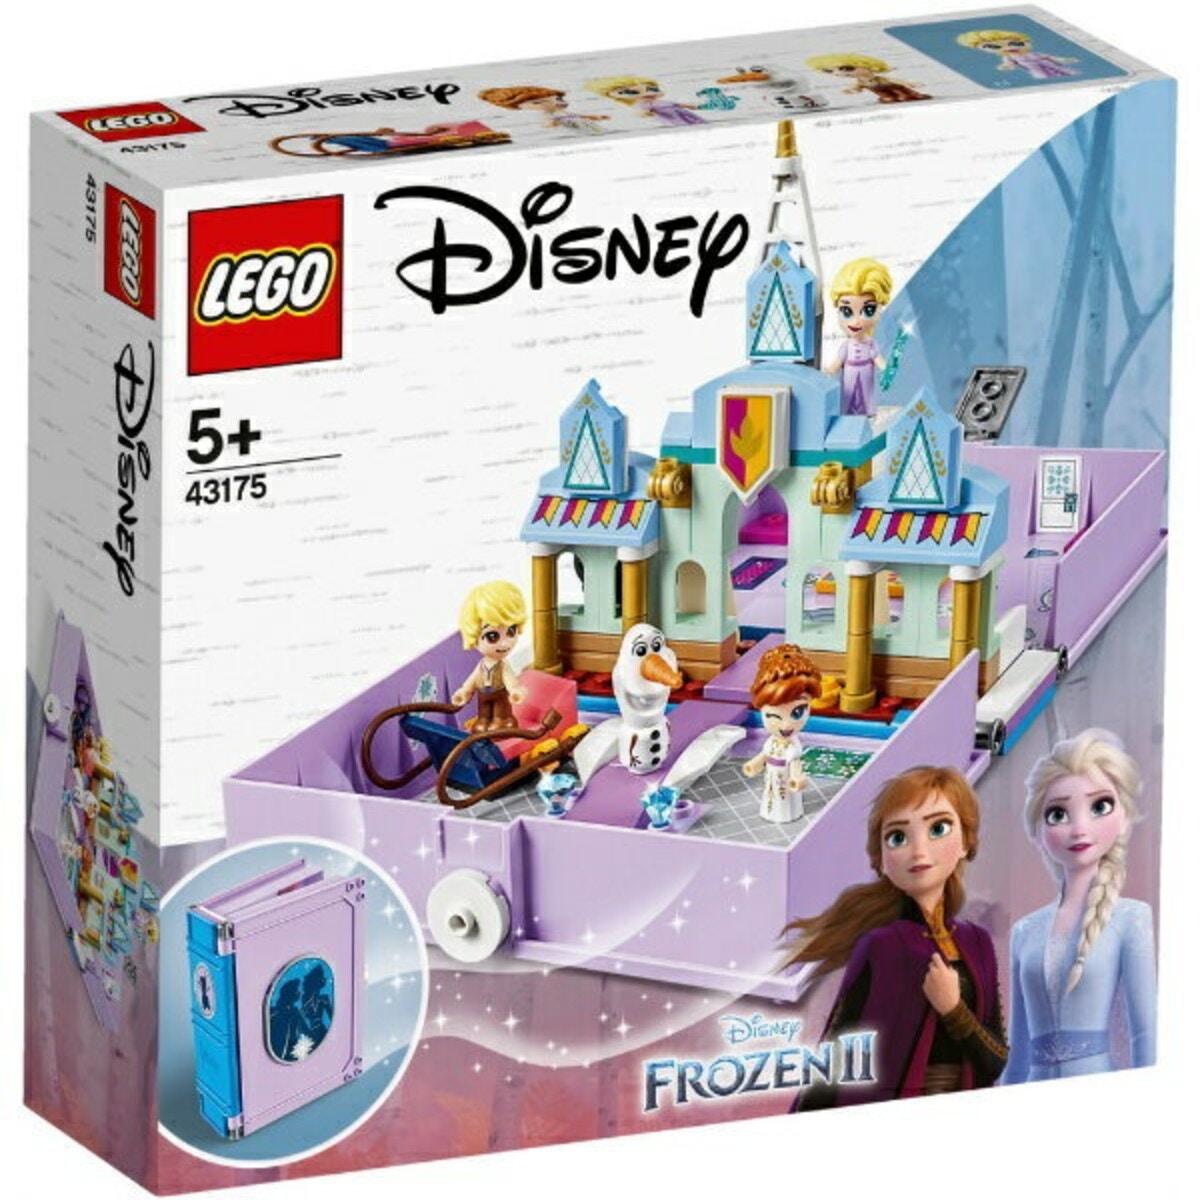 レゴ ディズニープリンセス アナとエルサのプリンセスブック 43175